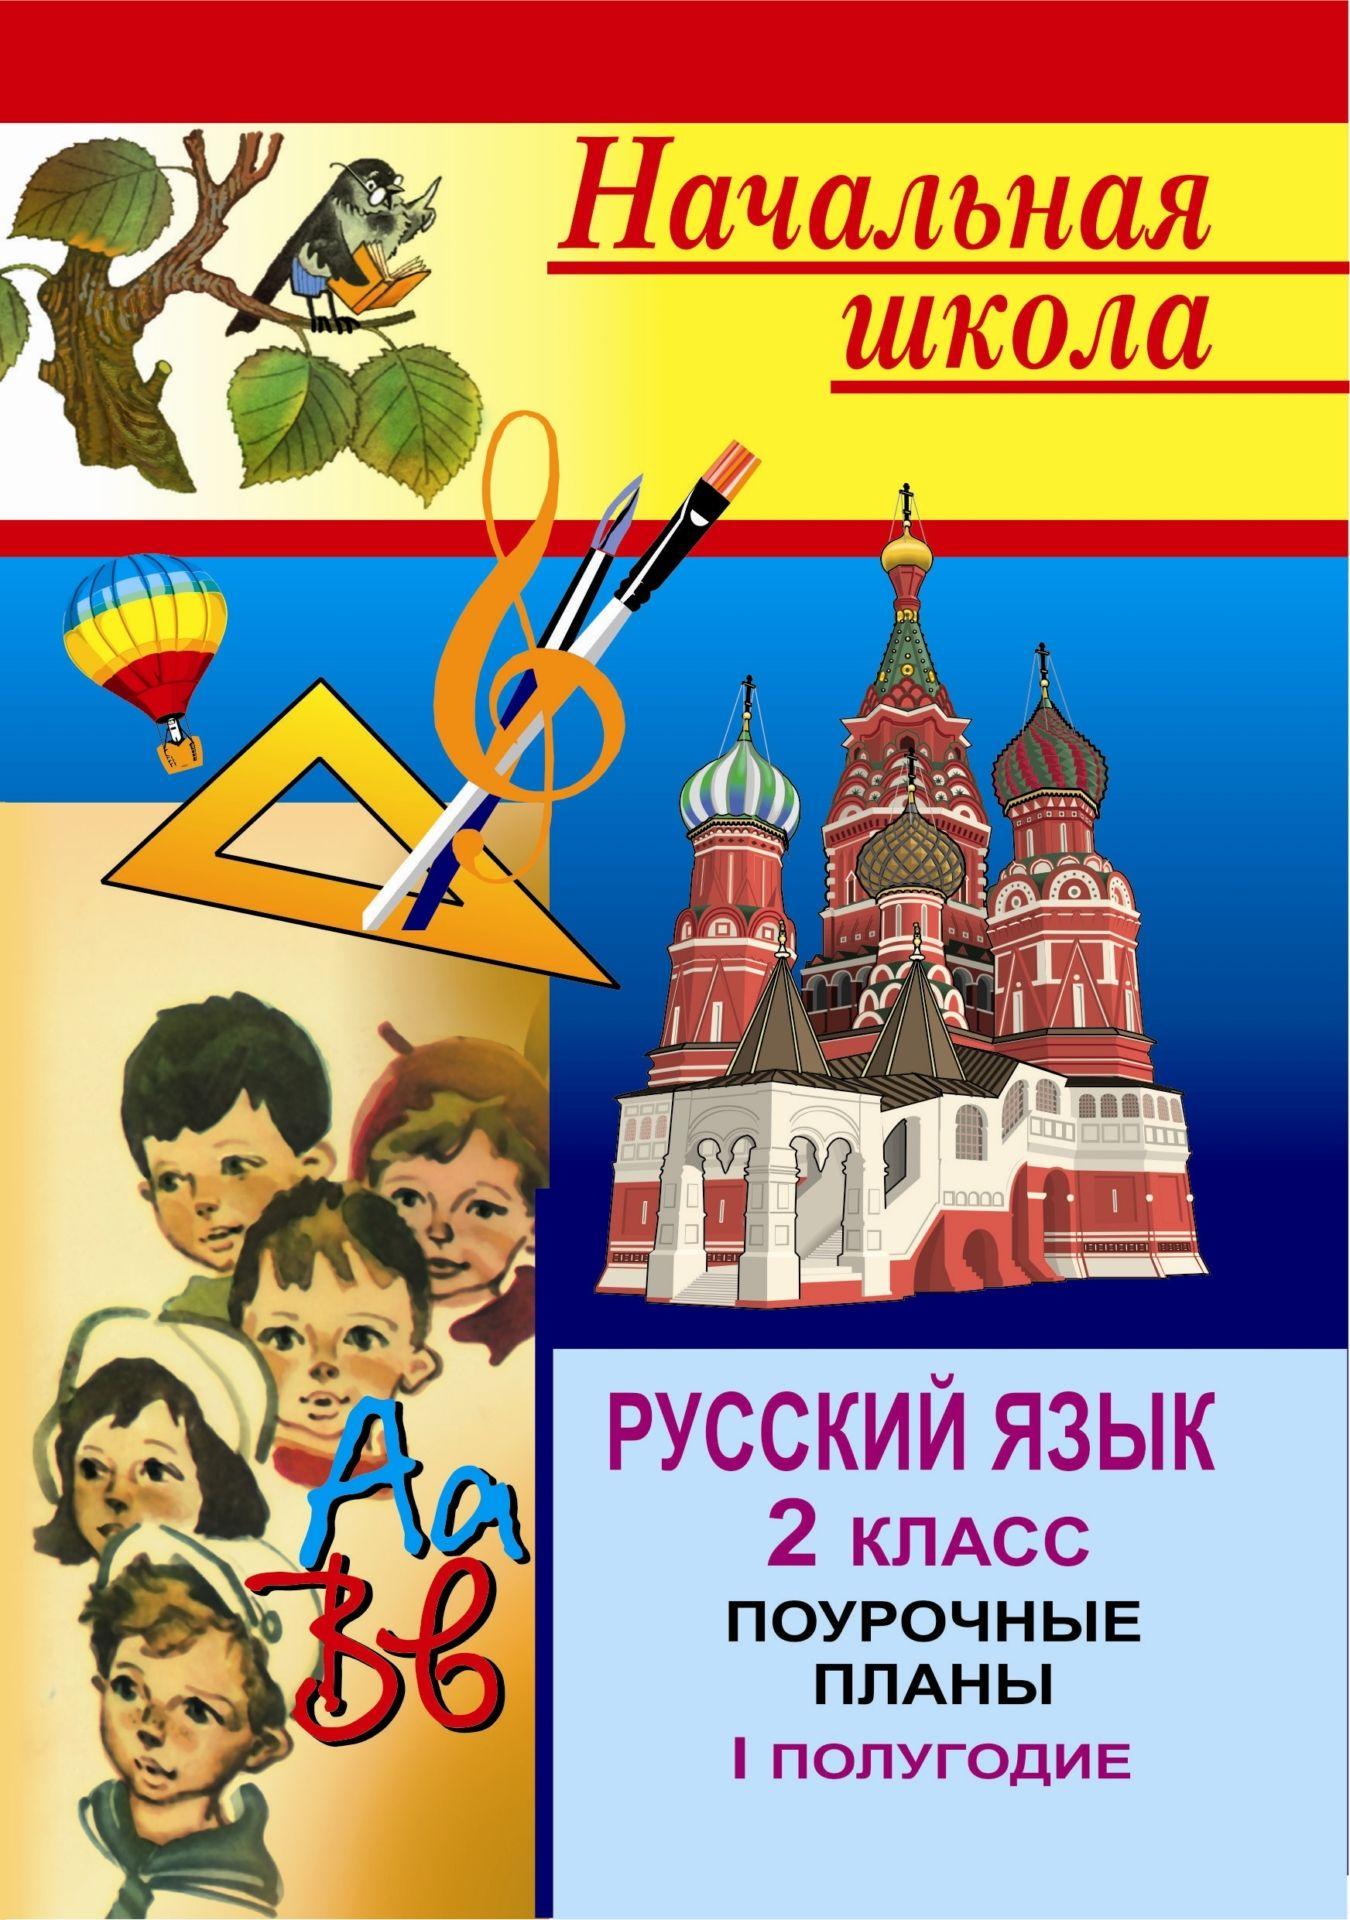 Русский язык. 2 кл. I полугодие.: поурочные планы по уч. Т. Г. Рамзаевой